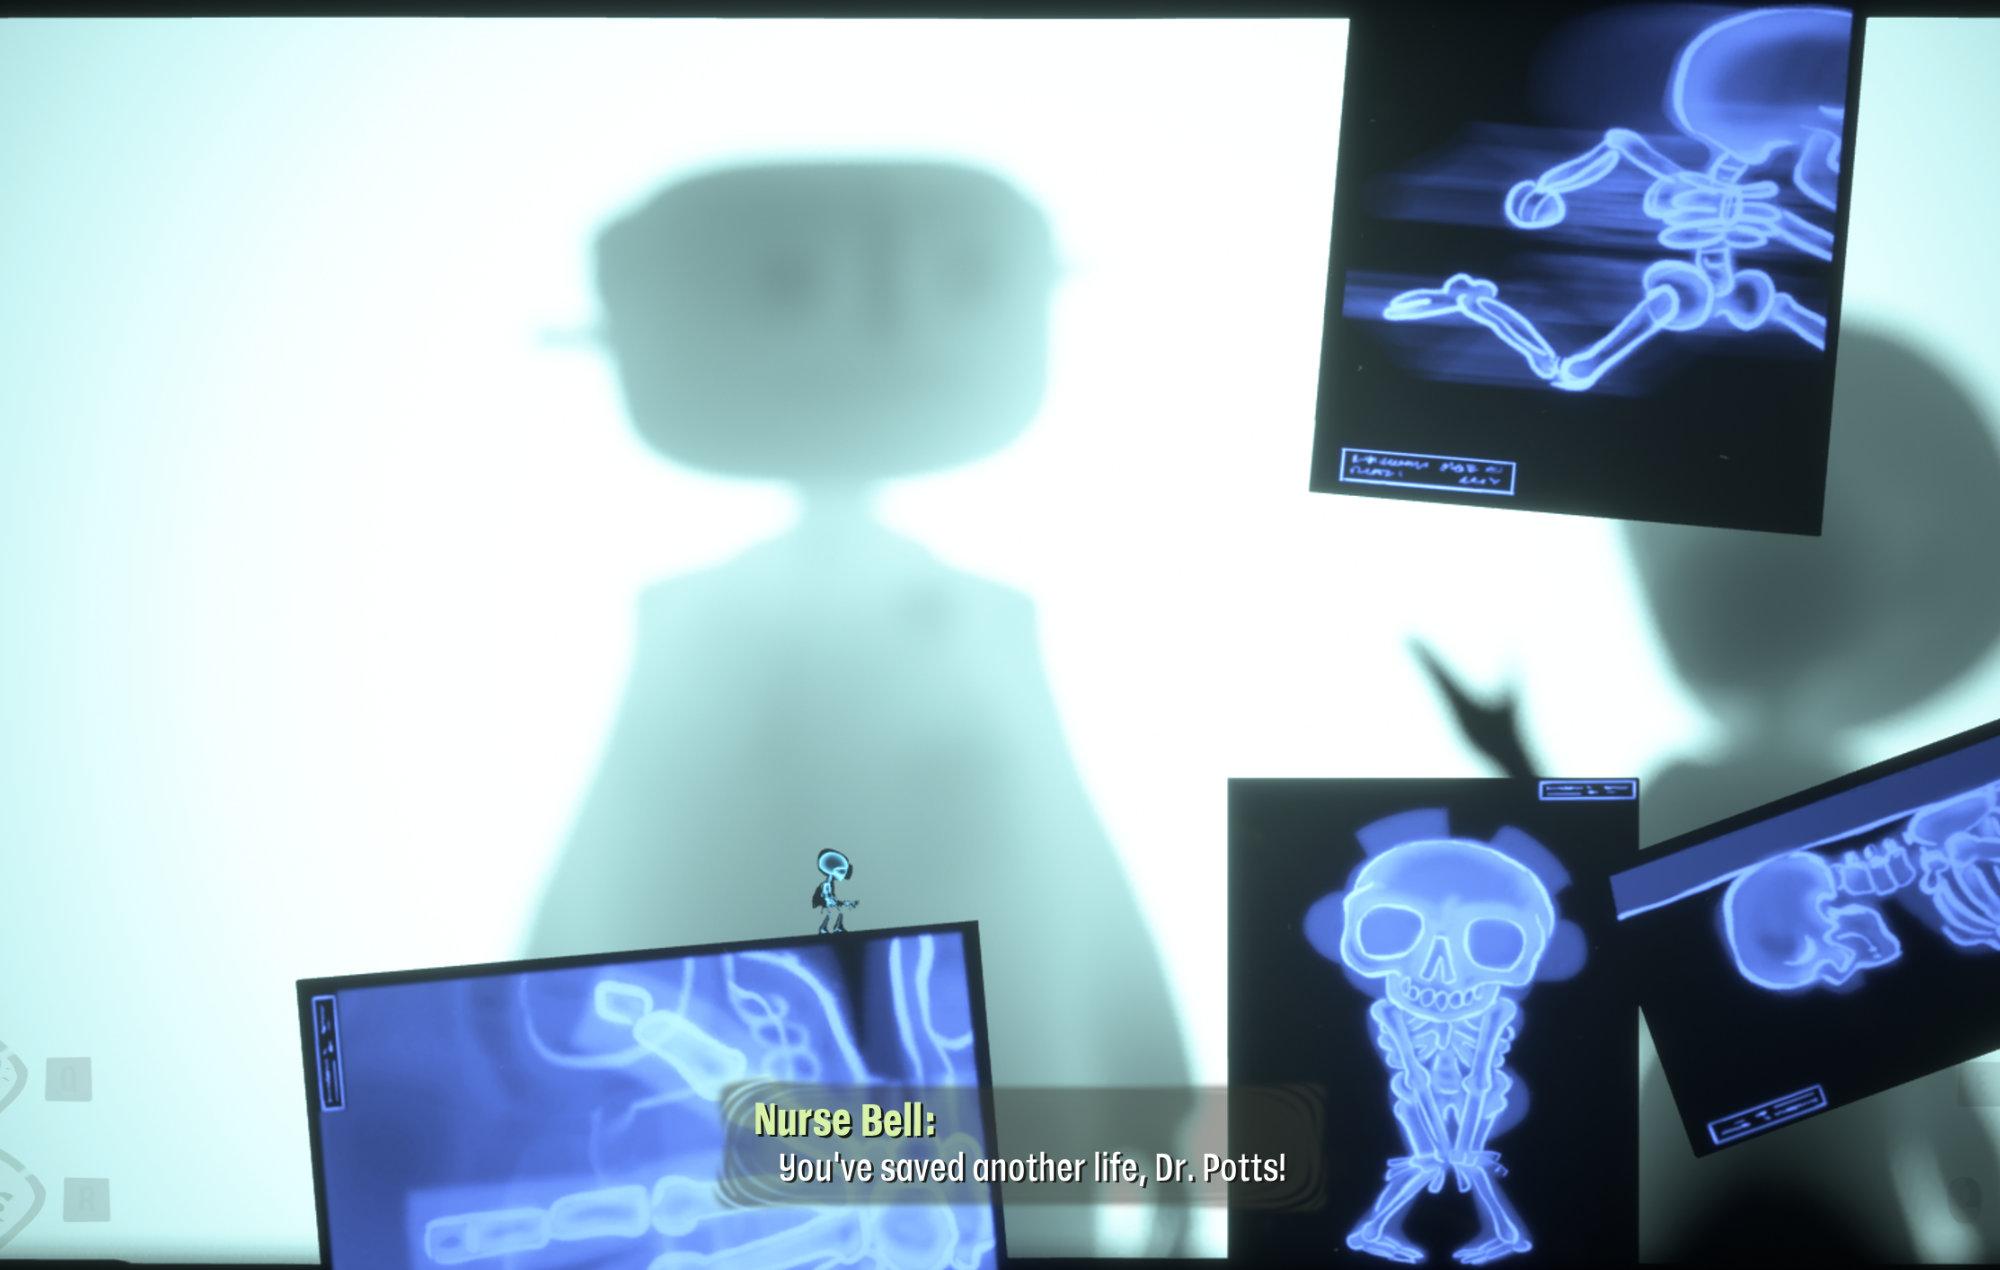 Psychonauts 2. Image Credit: Double Fine Productions